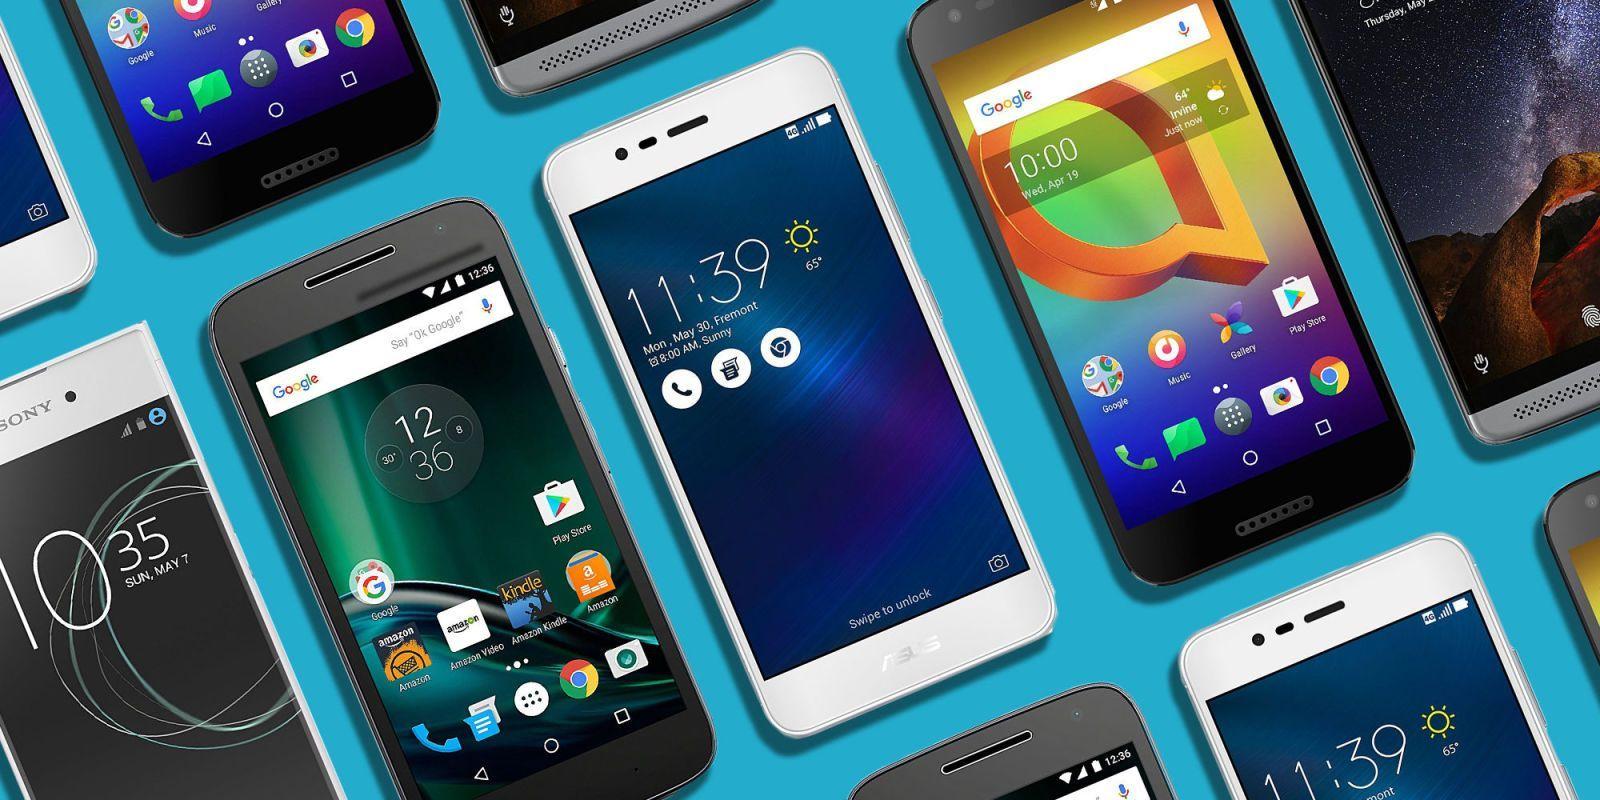 Тест: какой телефон вам идеально подходит